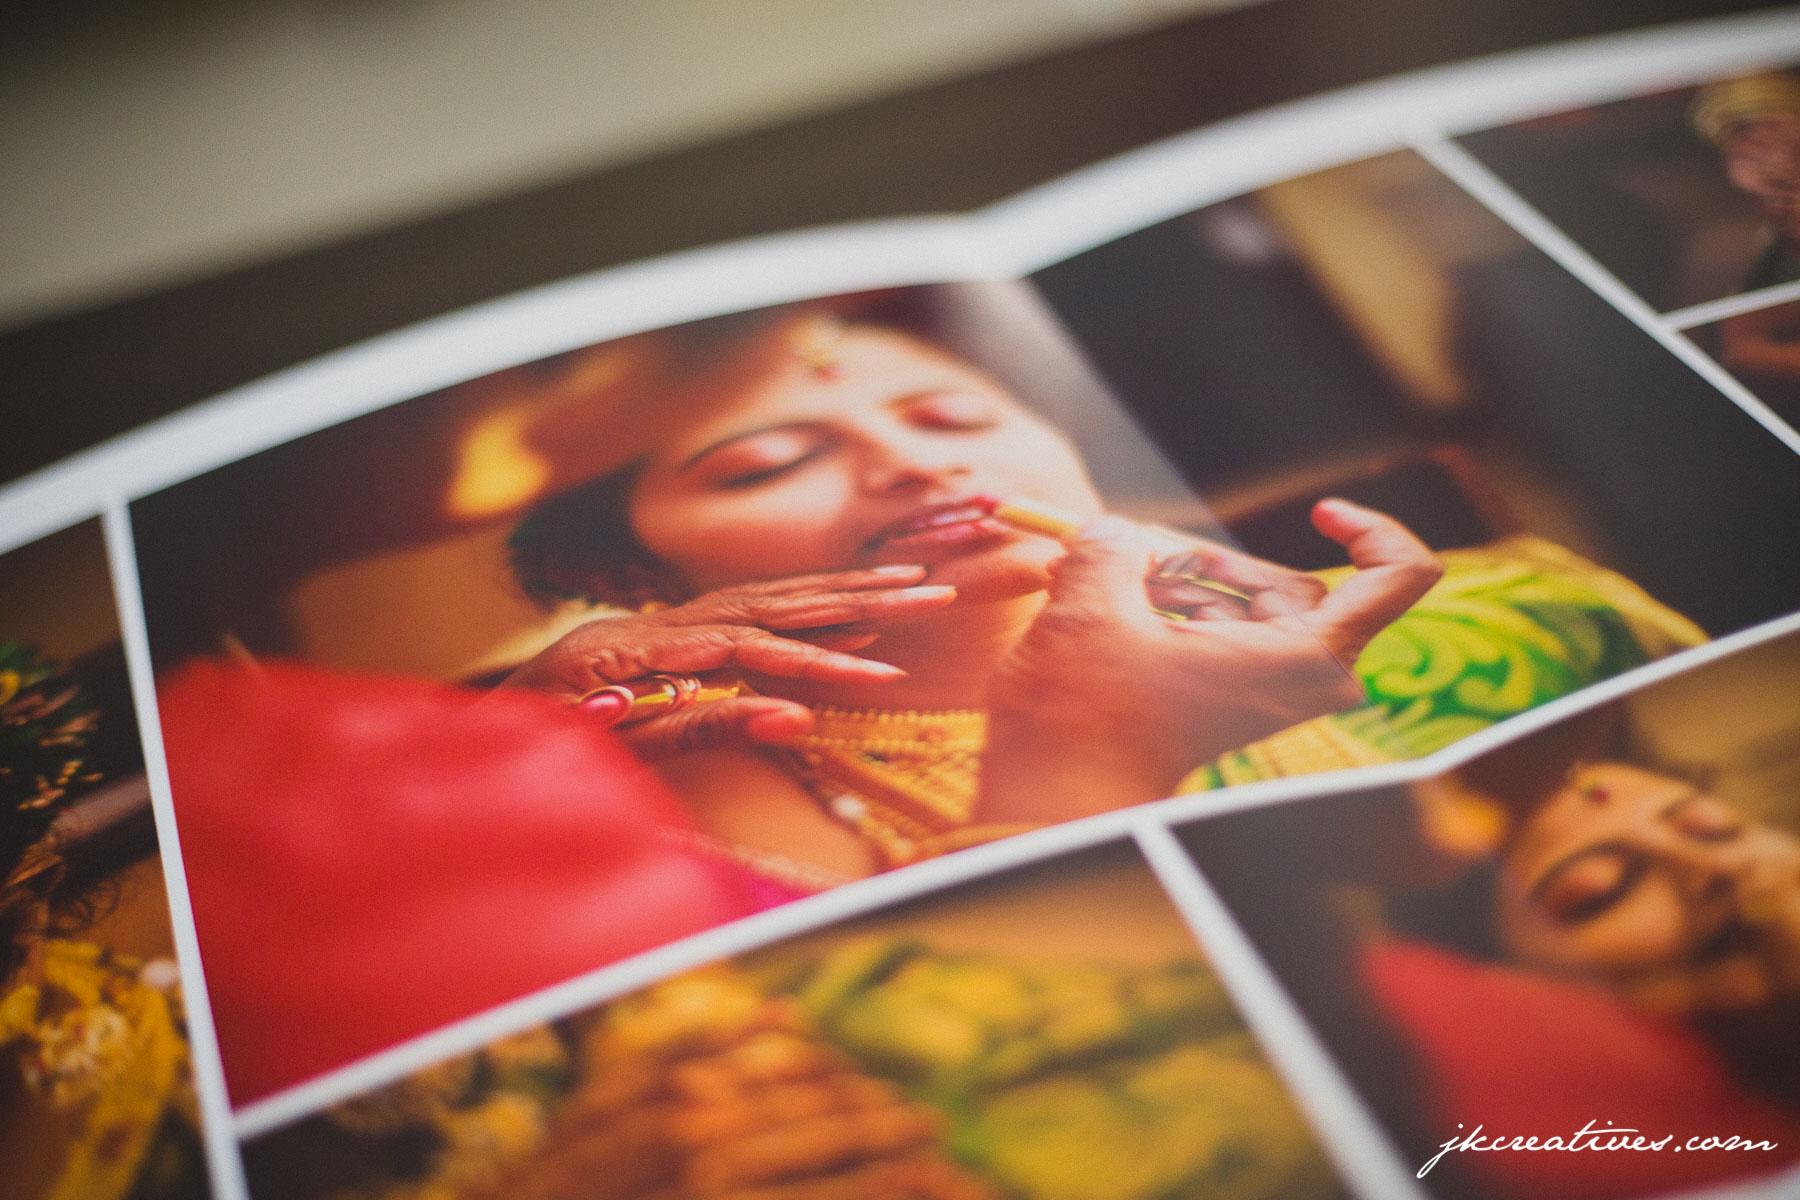 Canvera album price in bangalore dating